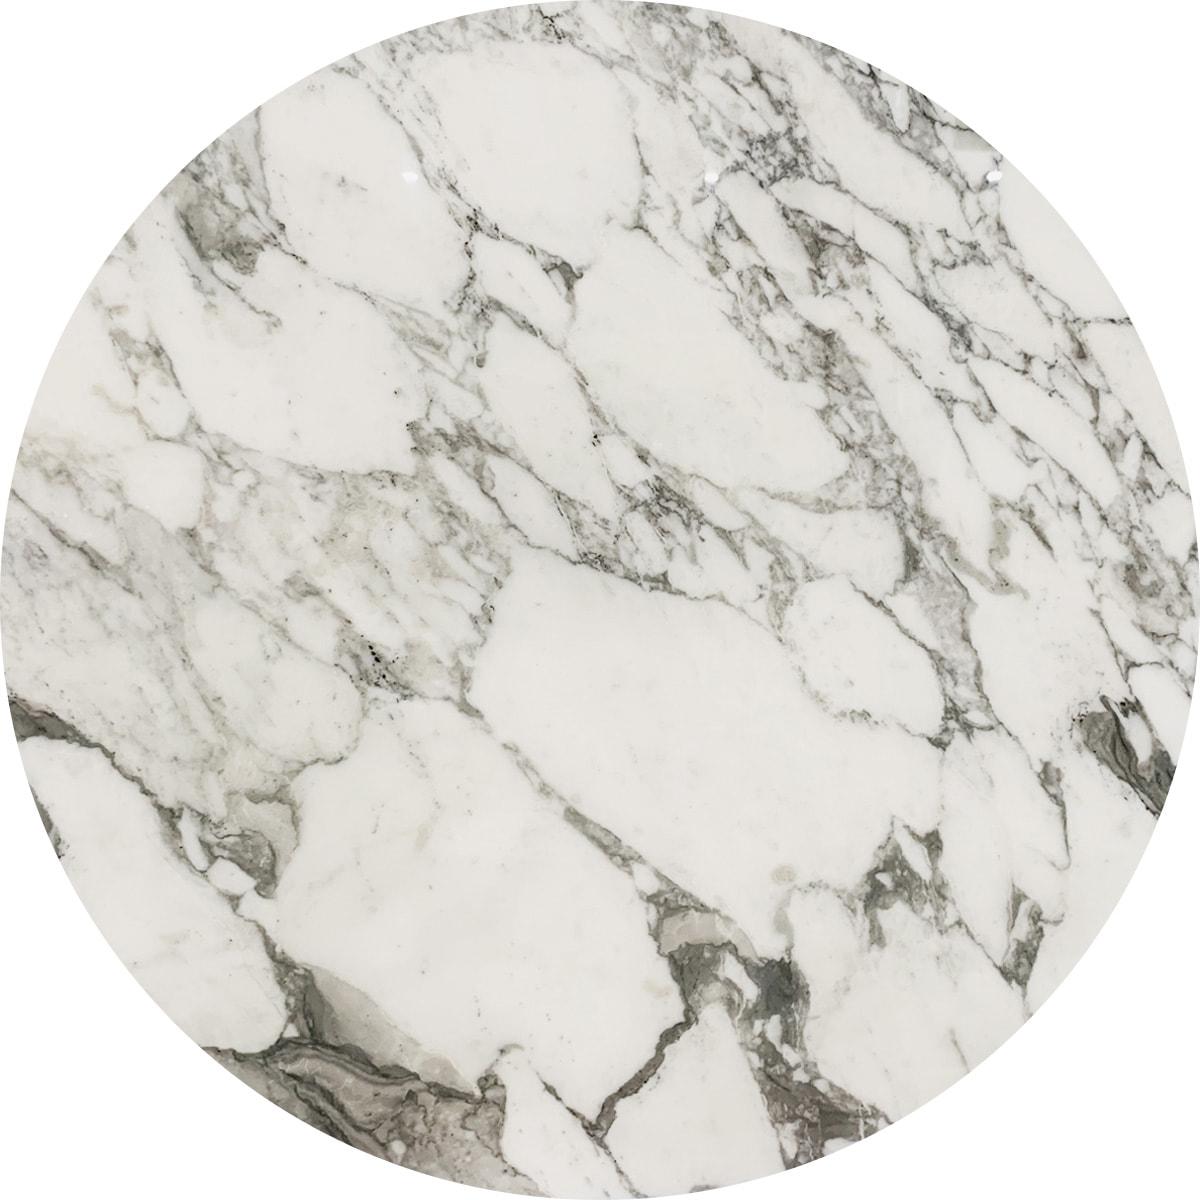 Saarinen Collection Round Tables(サーリネンテーブル) Φ1070mm アラベスカート 173TRMA2 (006)